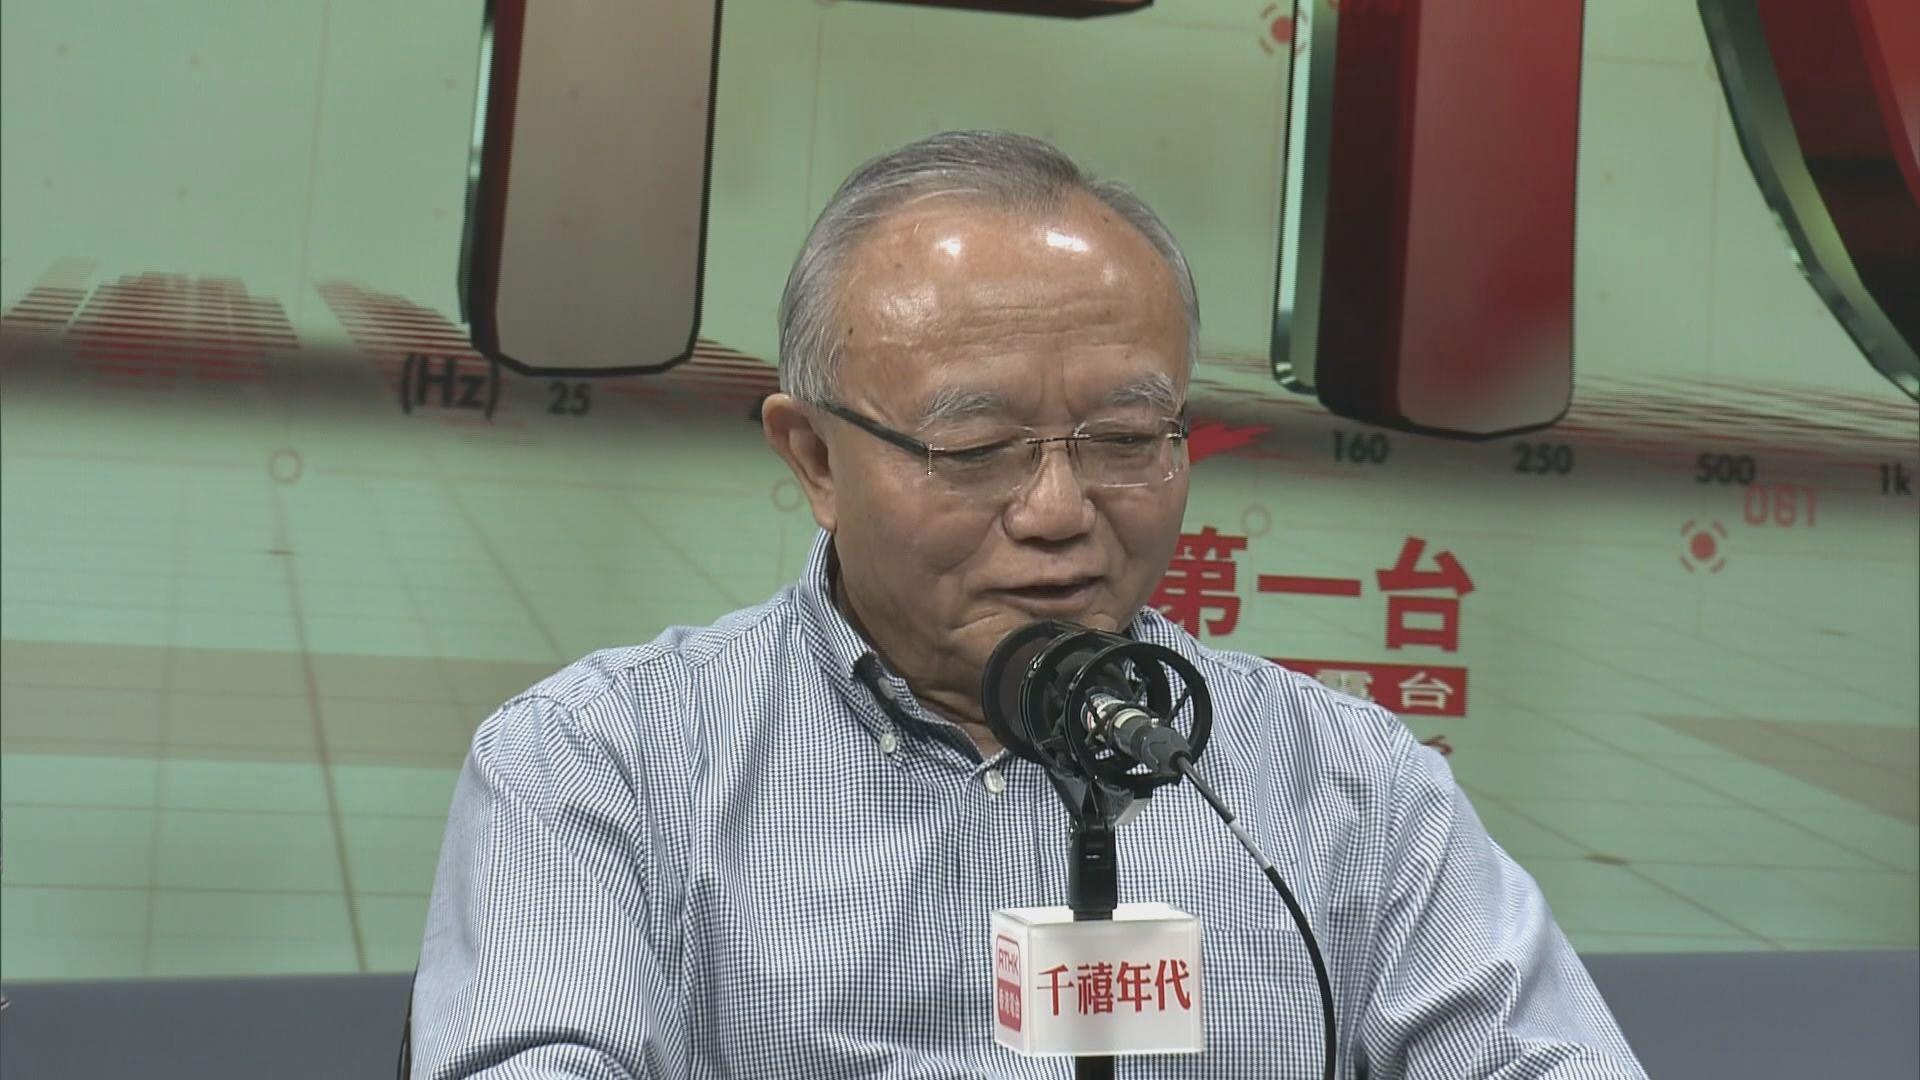 劉兆佳:中央遏制港獨手段多 目前已留手